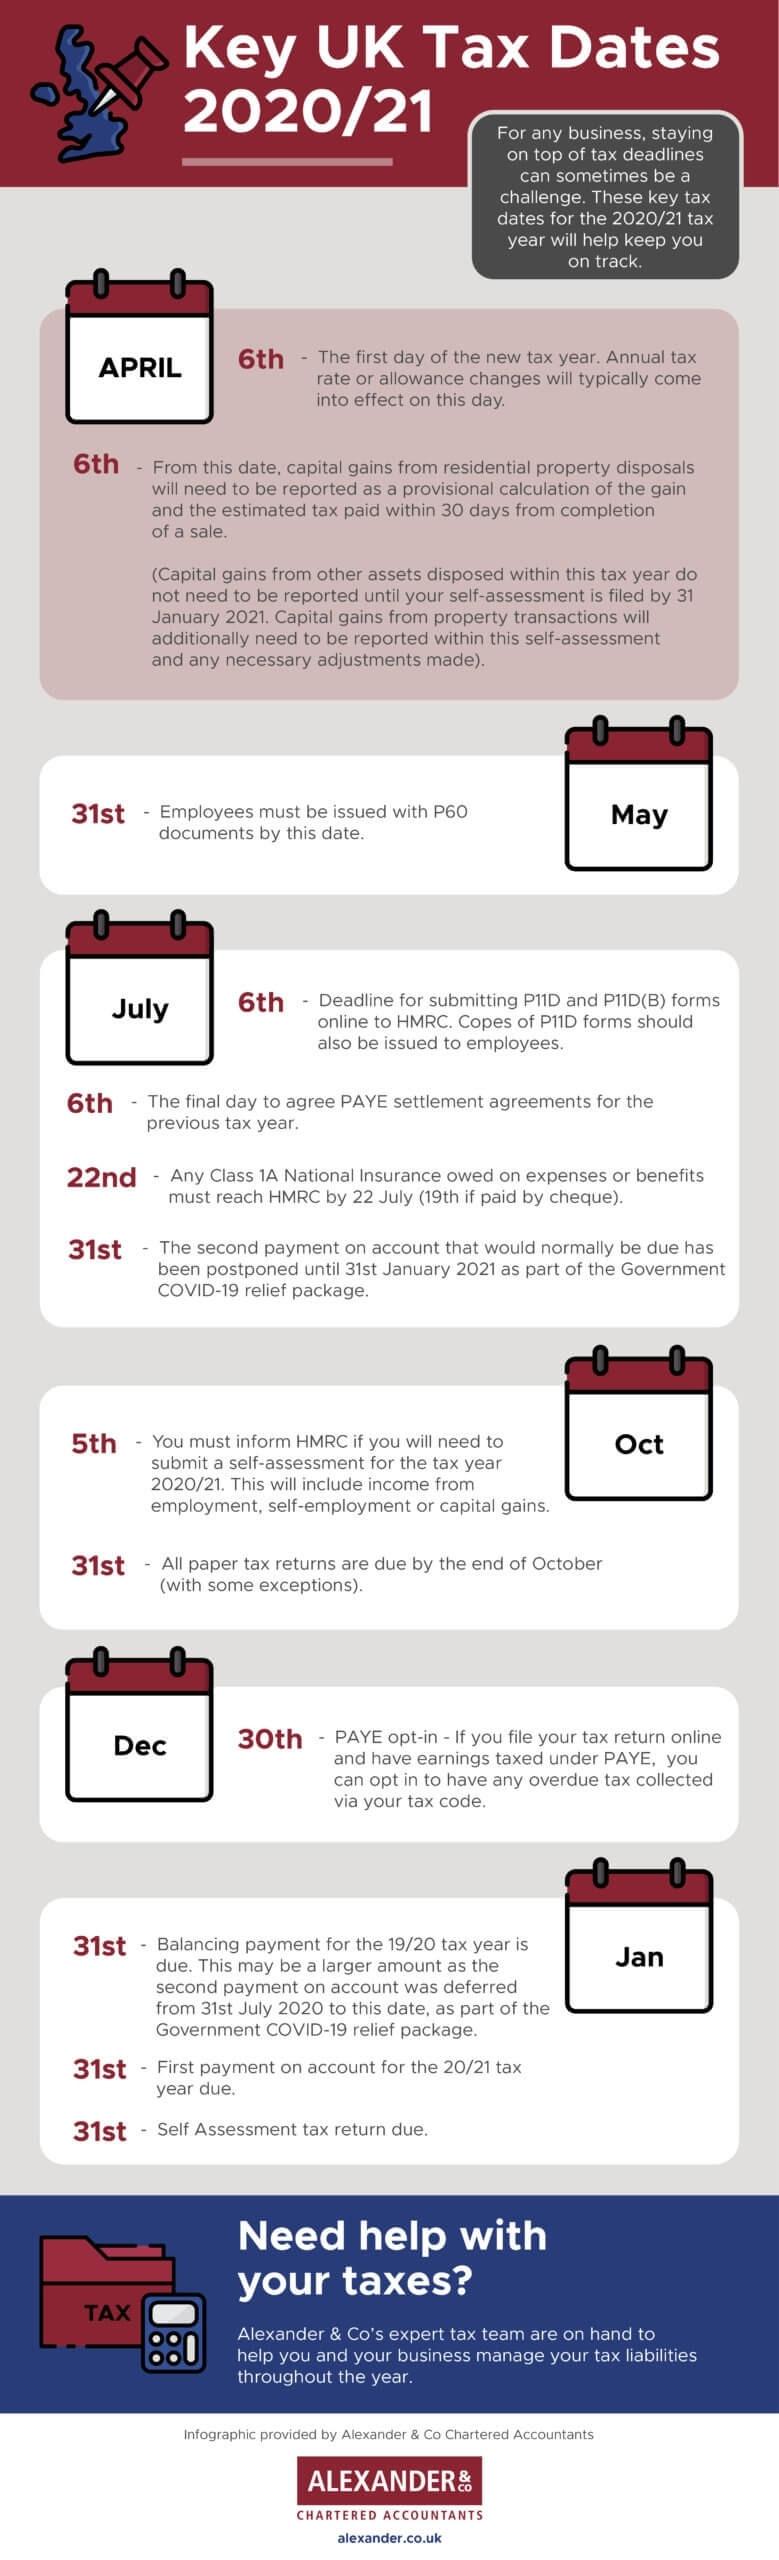 Hmrc Tax Year Calendar 2021 - Calendar Inspiration Design  Tax Calendar 2021